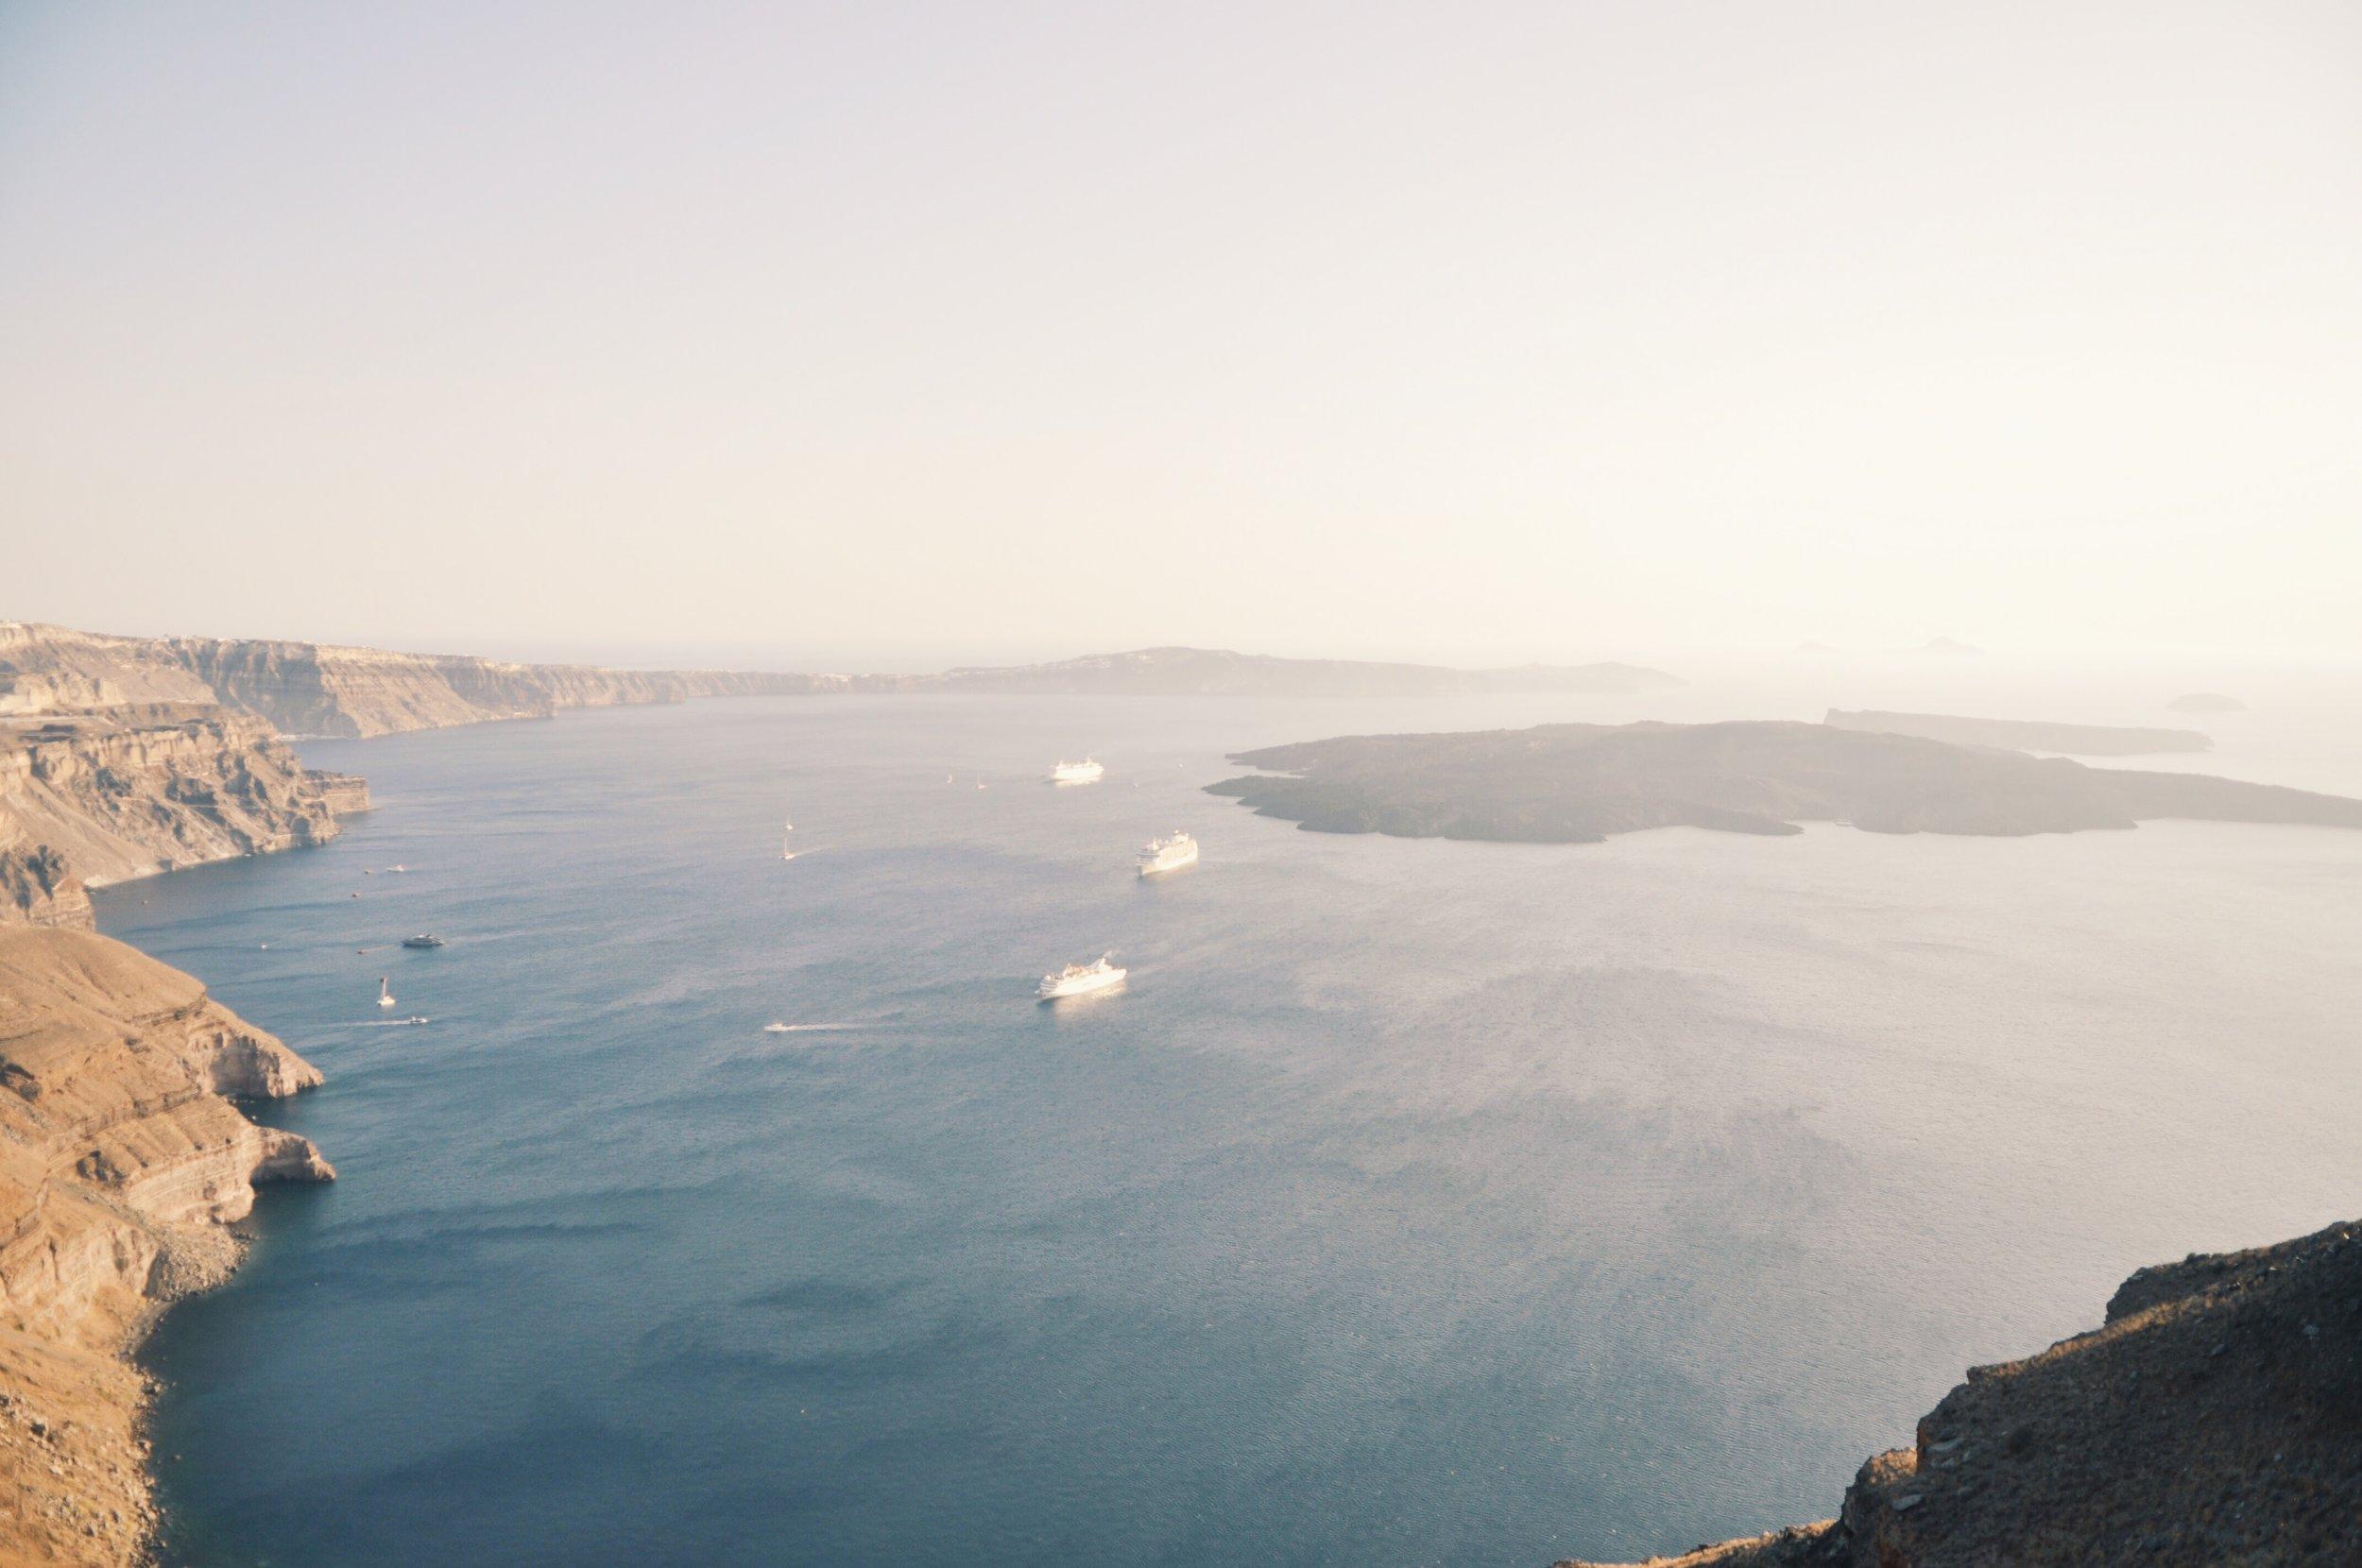 Caldera view from Imerovigli, Santorini, Greece